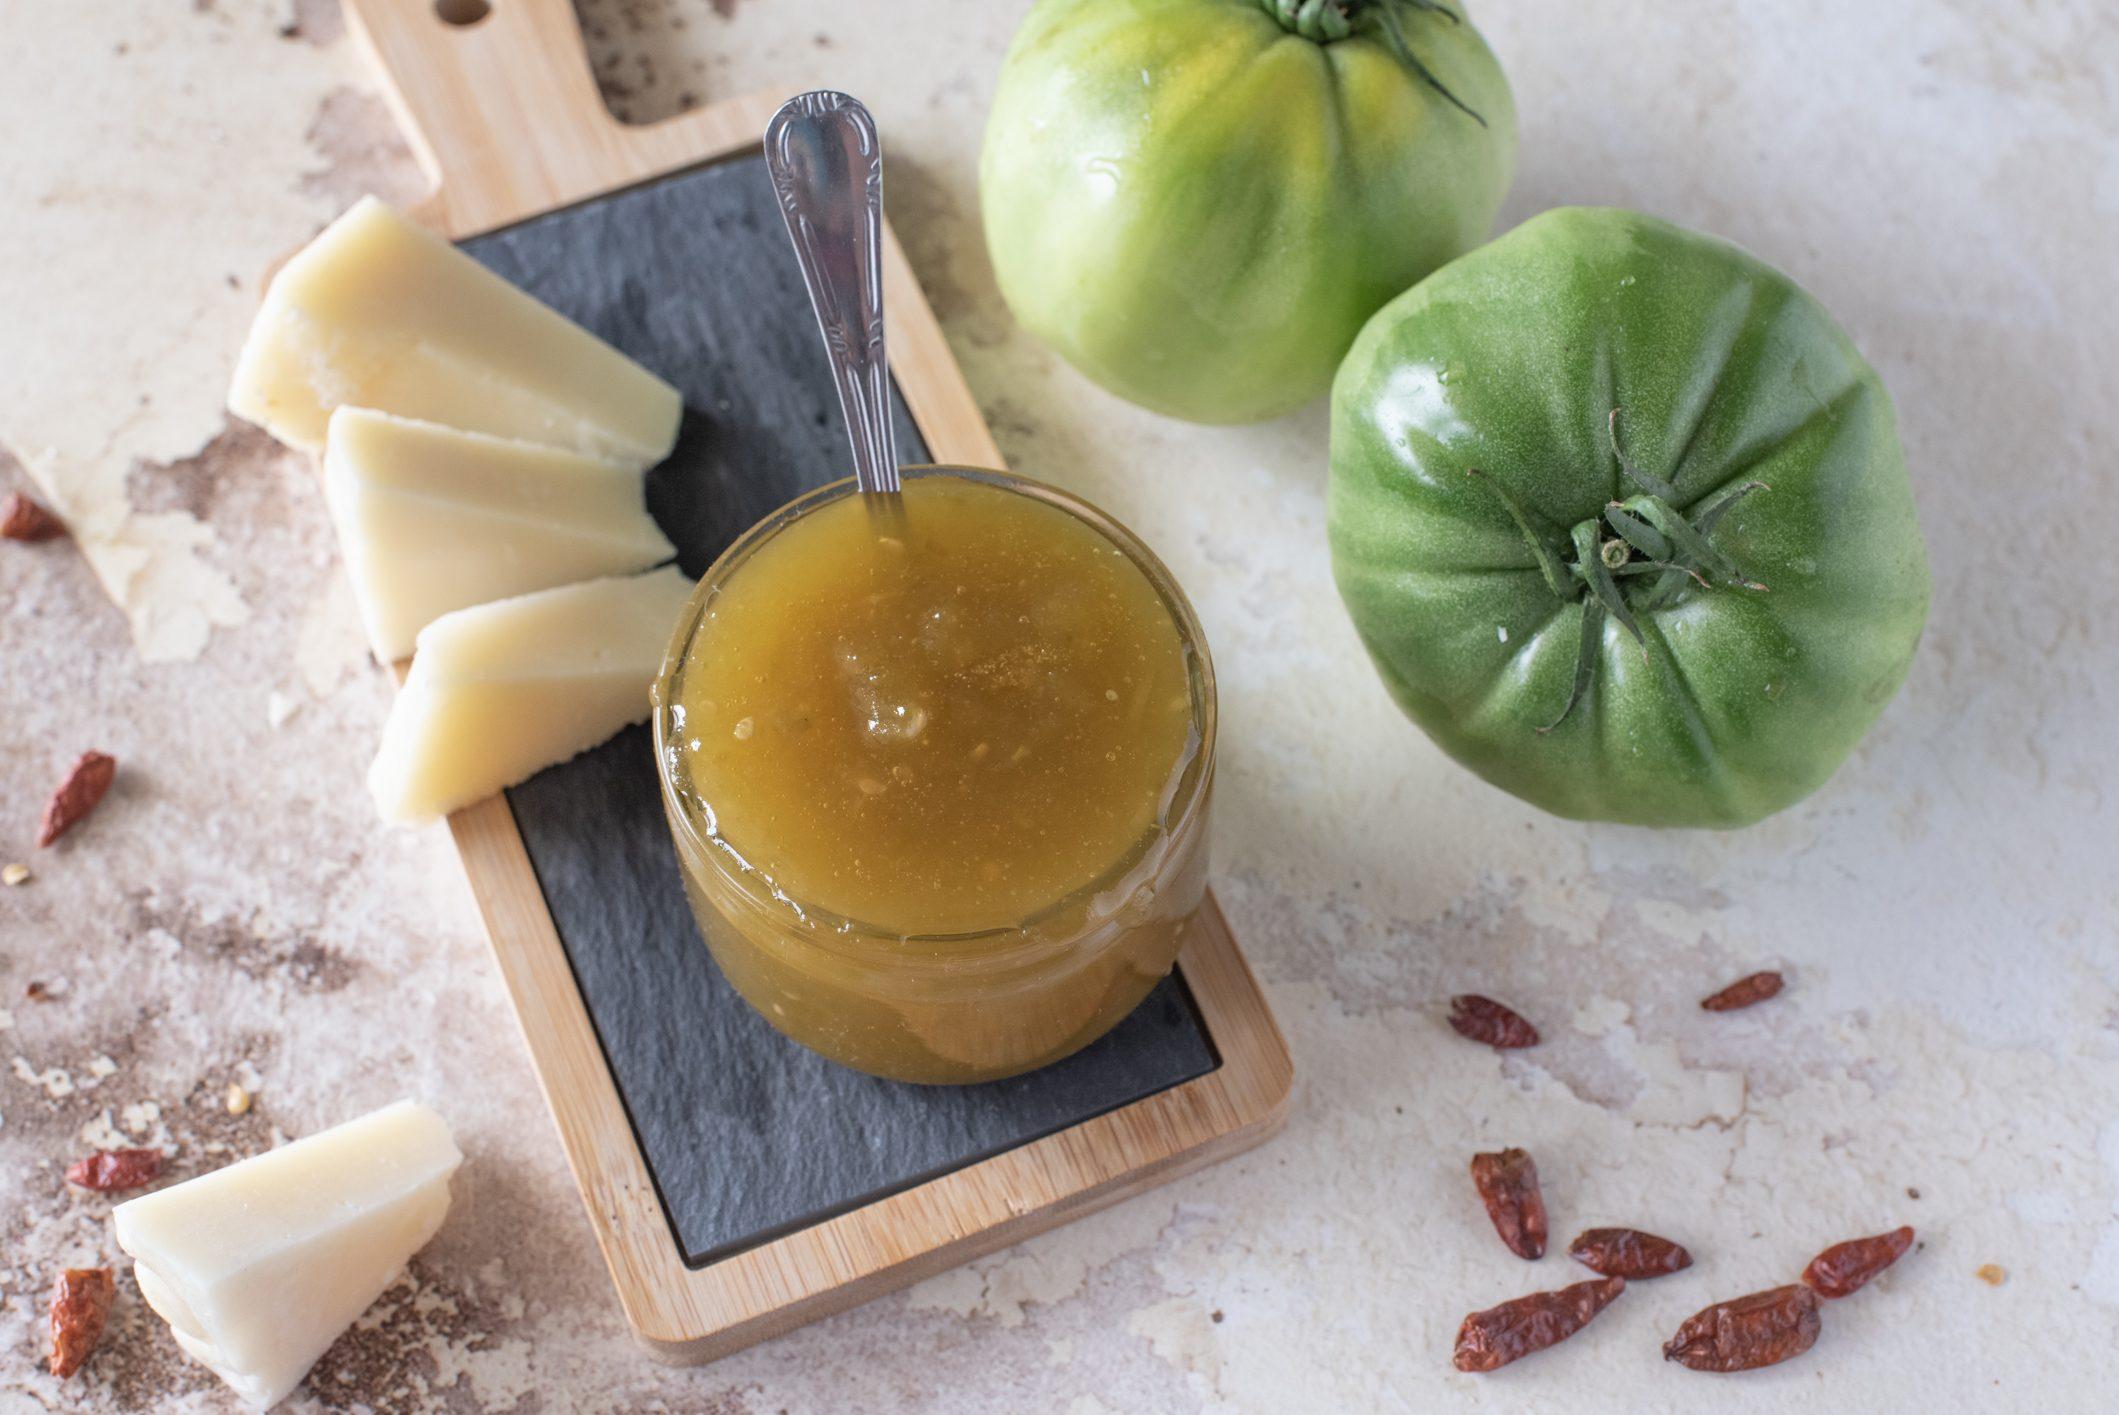 Confettura di pomodori verdi: la ricetta della salsa da accompagnare a carni e formaggi